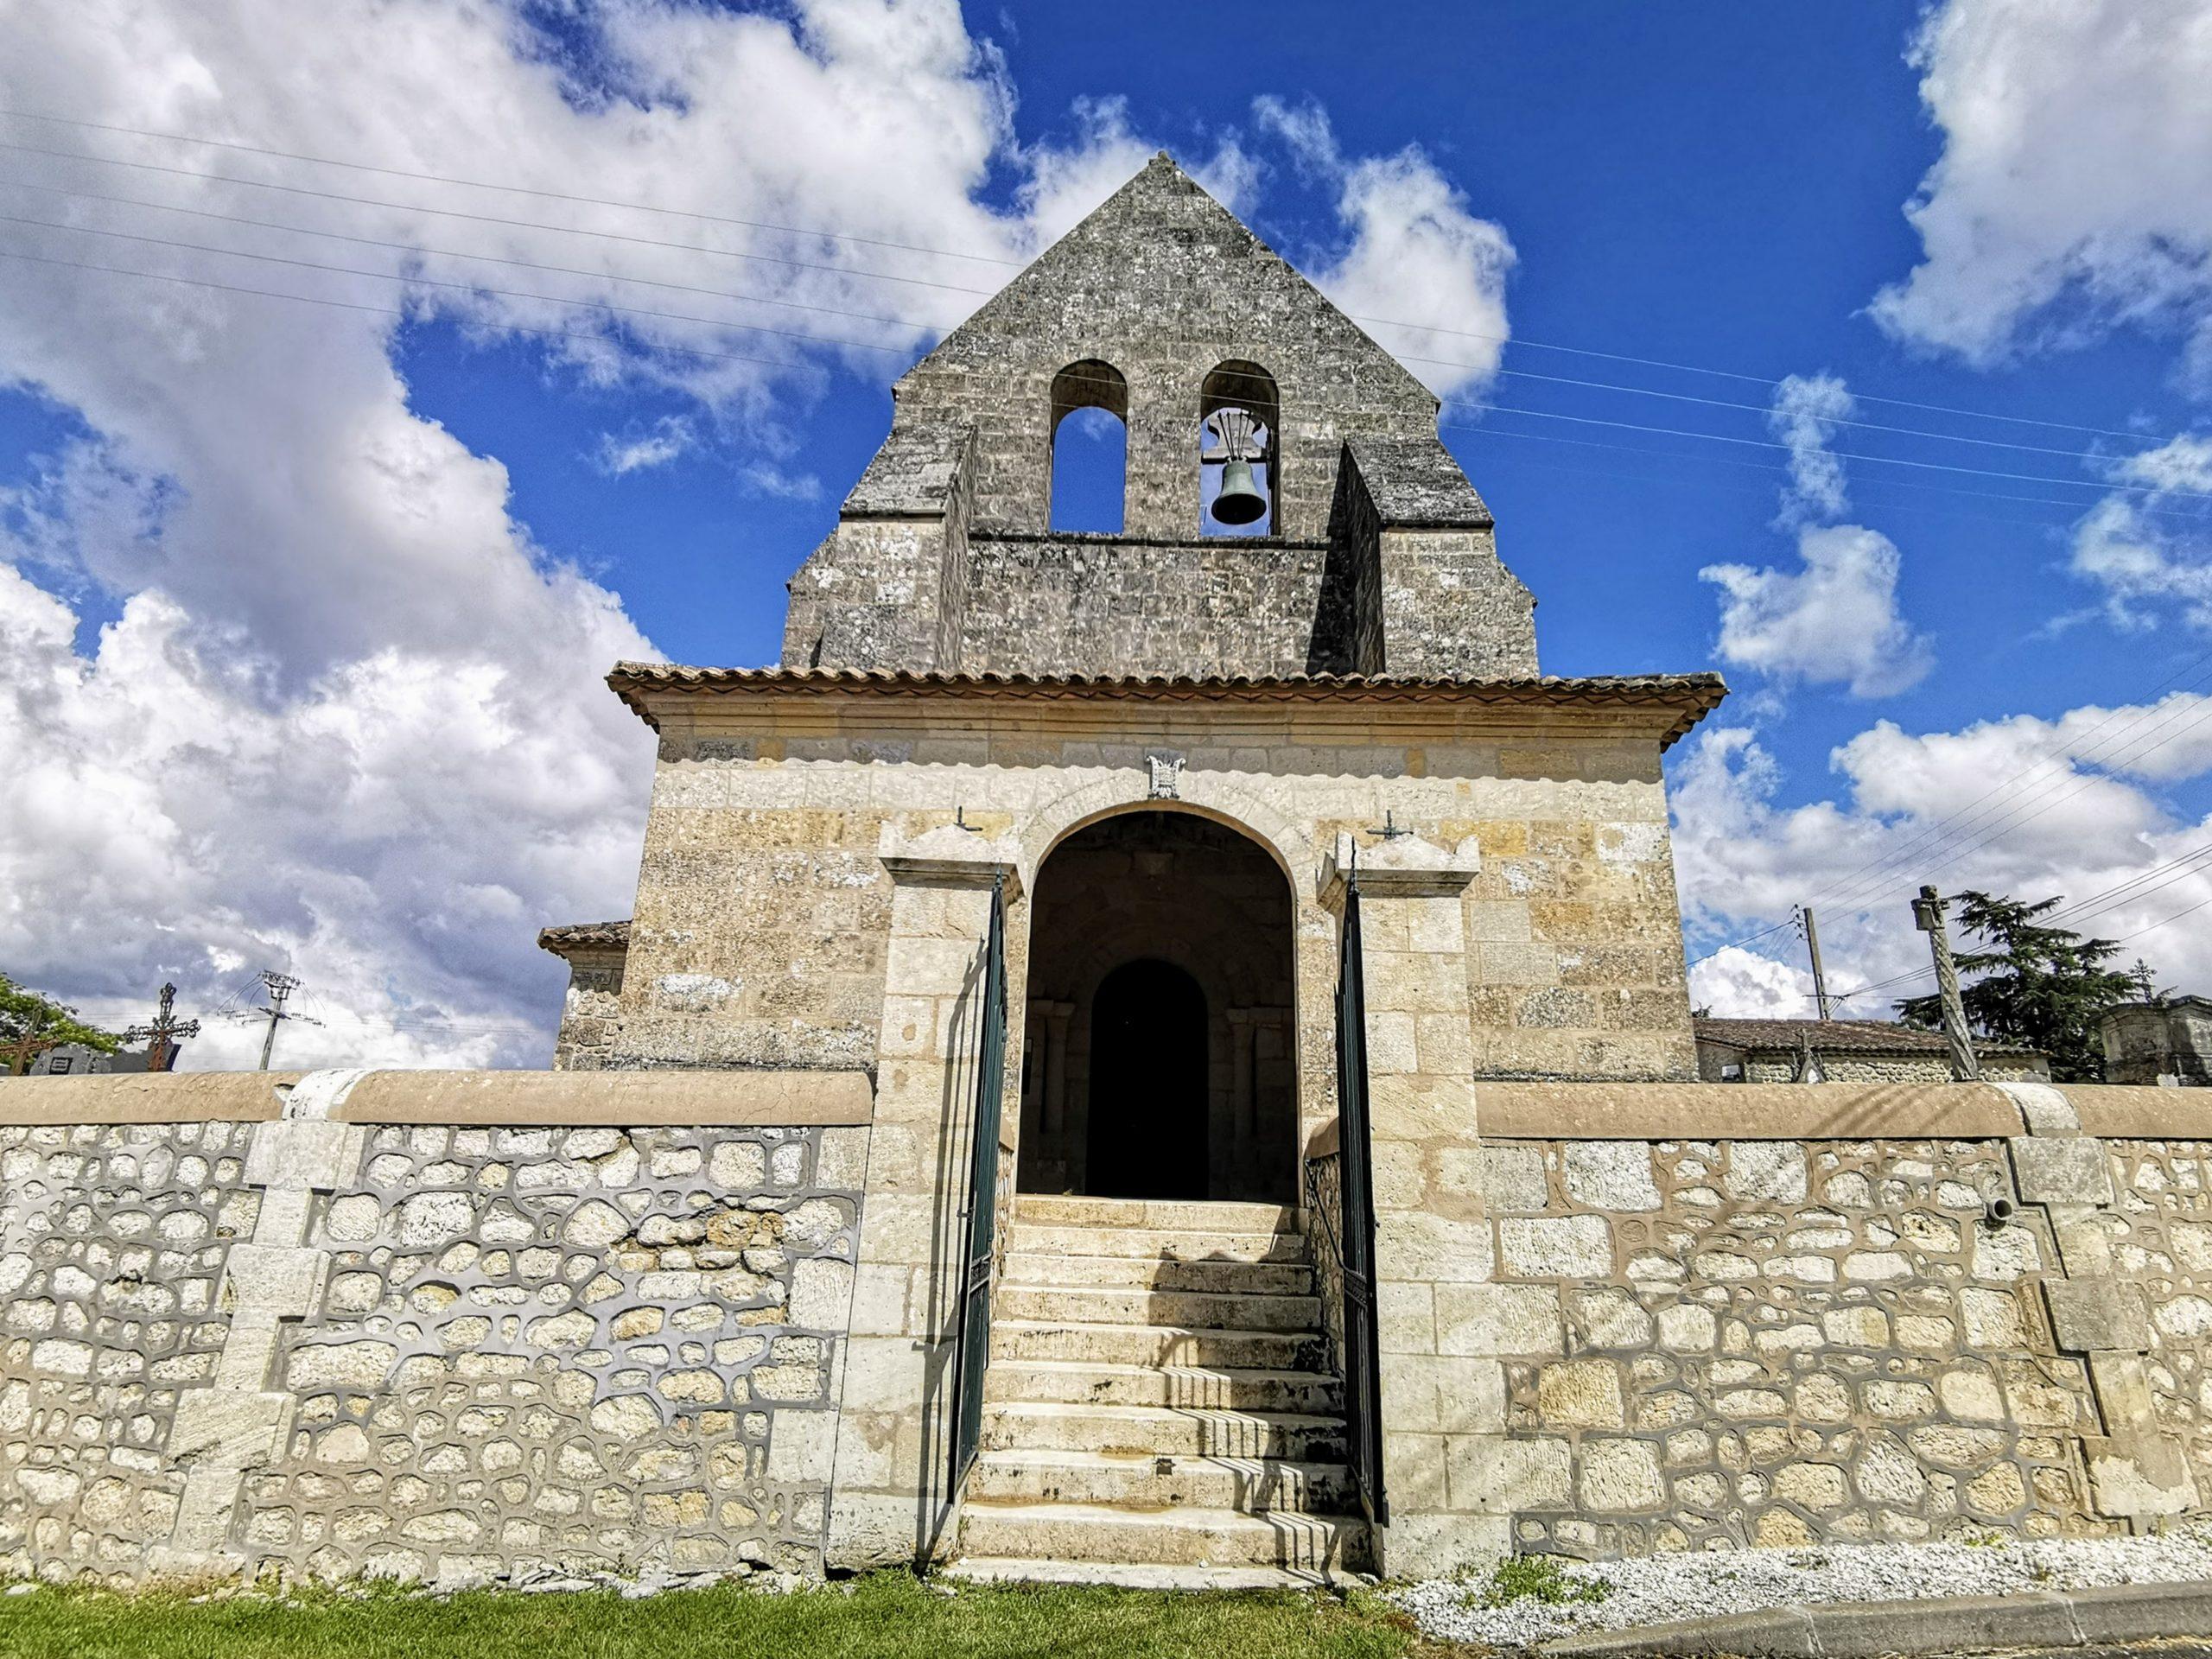 Église Saint-Seurin Guillac